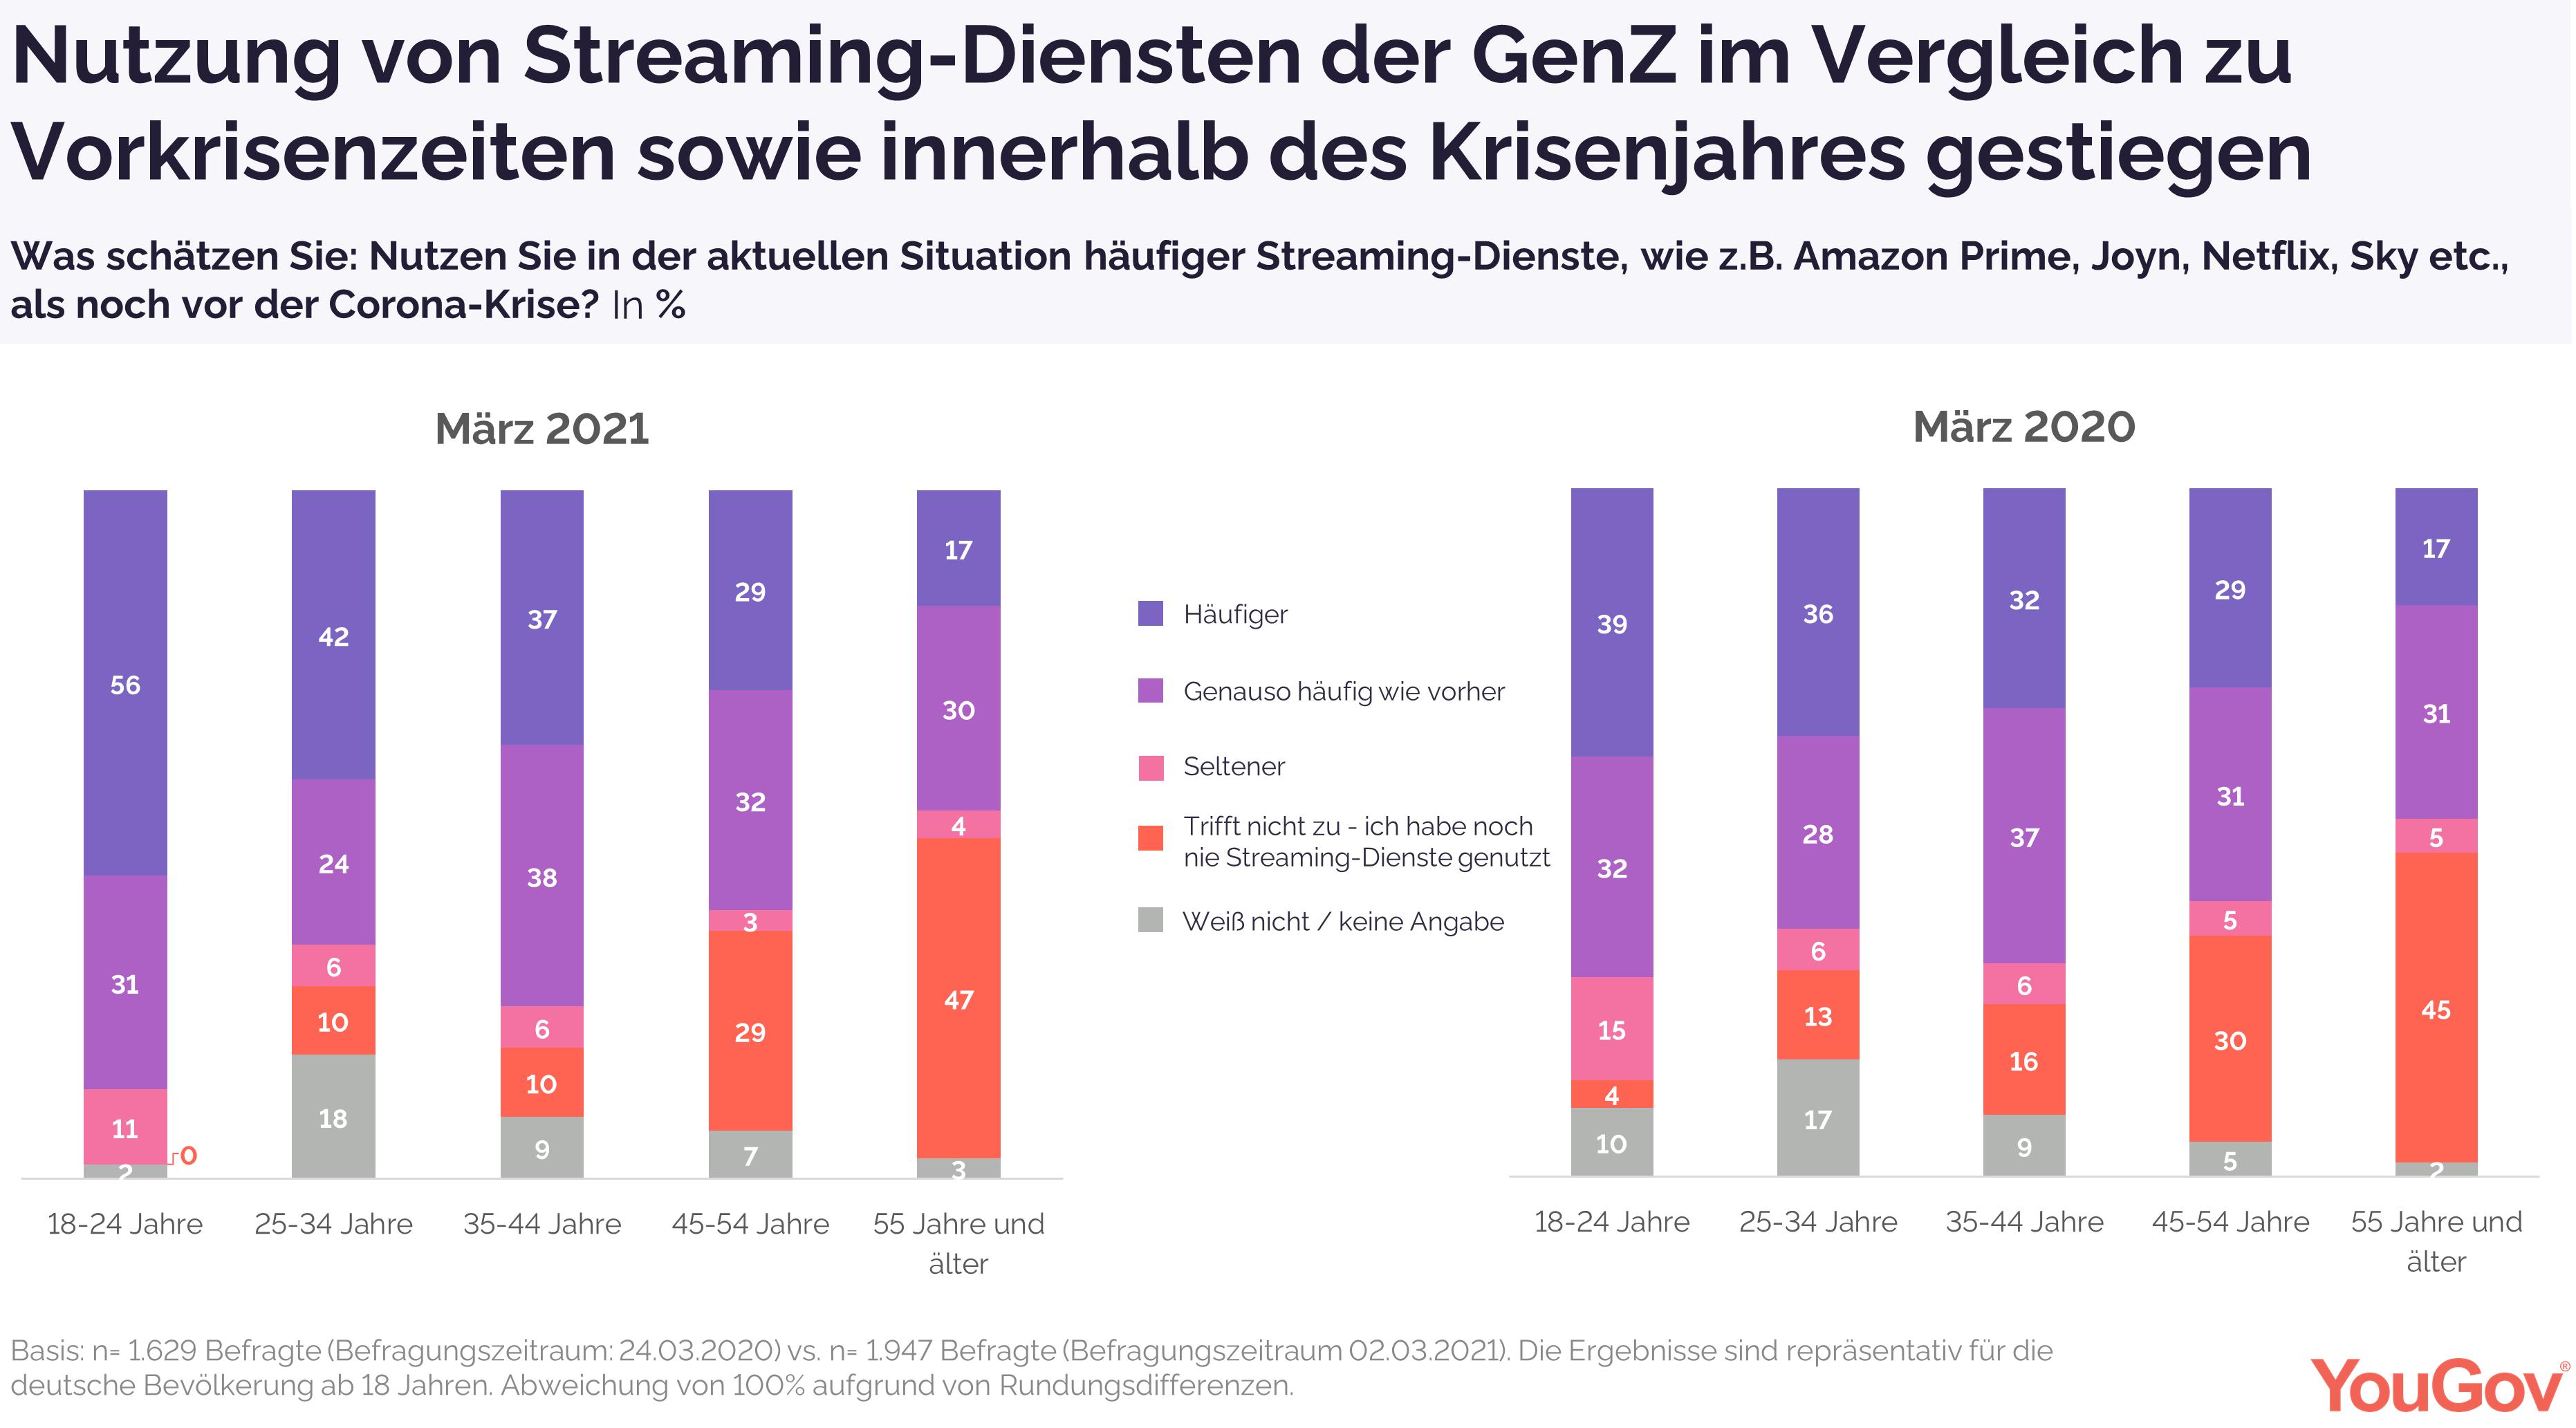 Nutzung von Streaming-Diensten bei Befragten der GenZ gestiegen